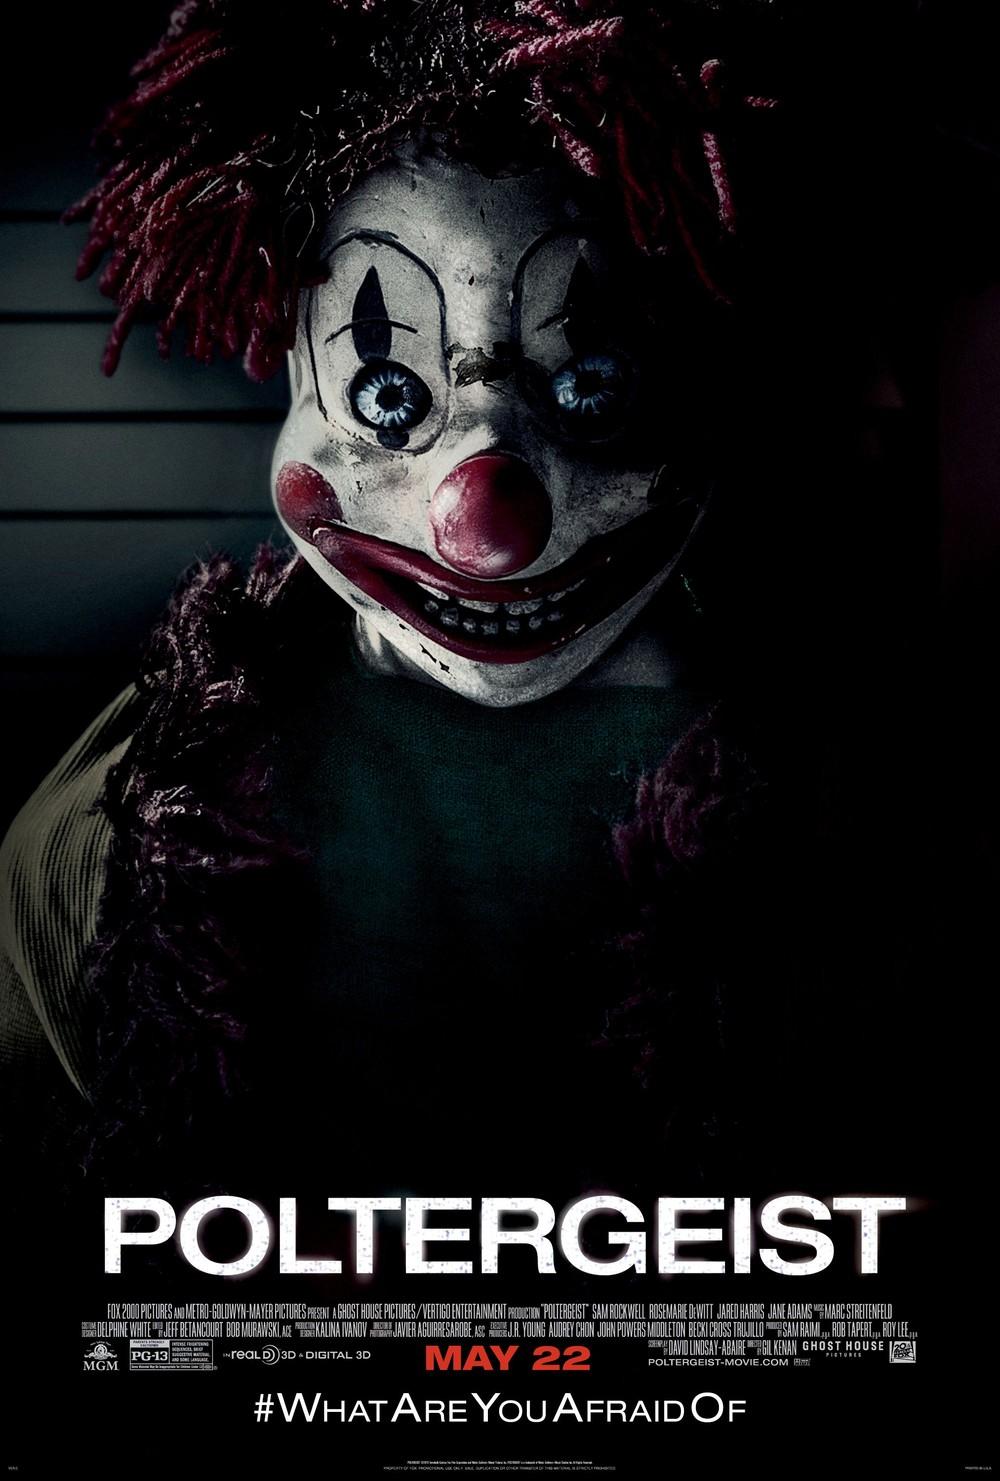 Poltergeist release date in Sydney